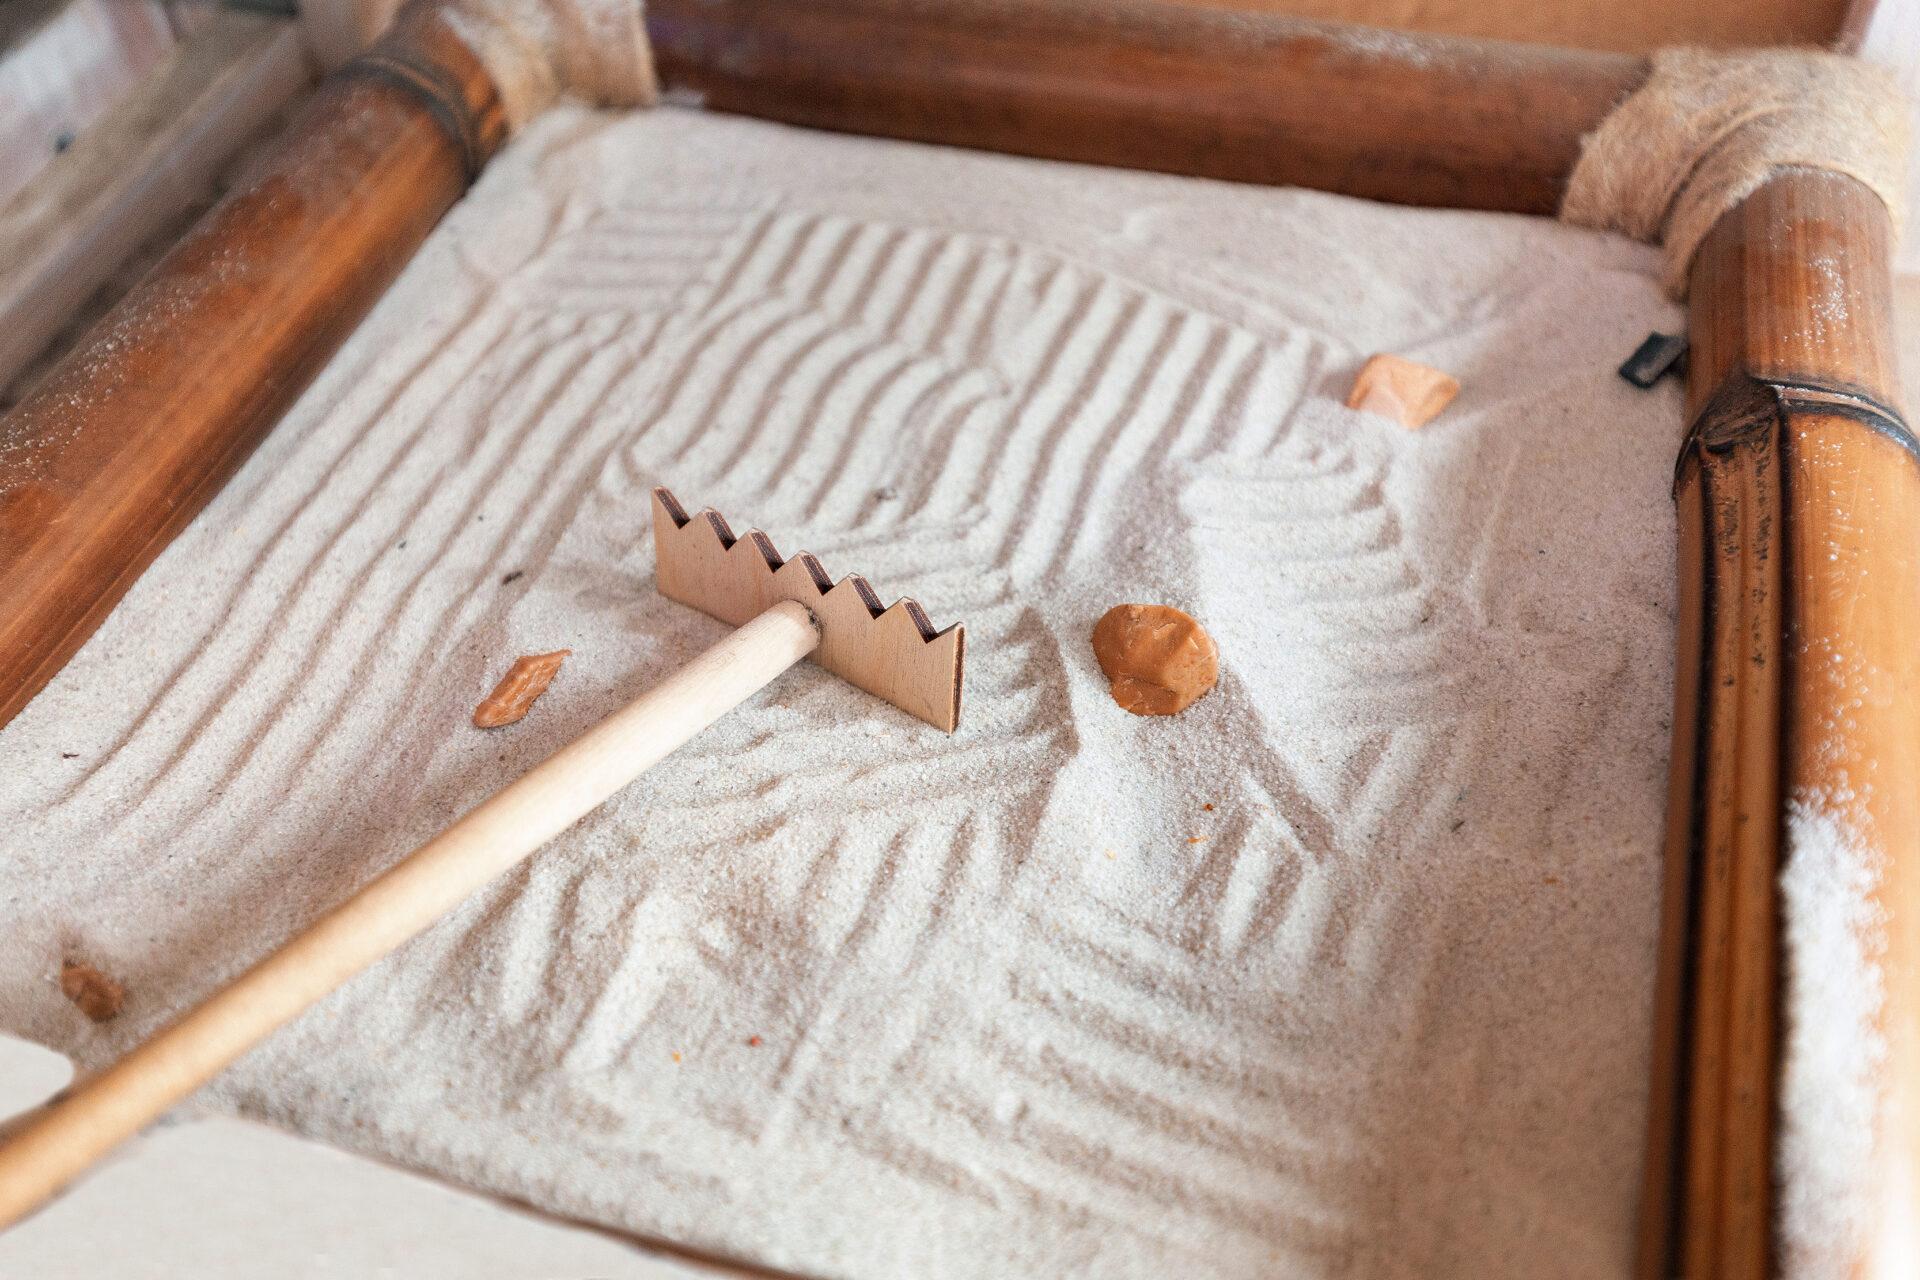 rake and sand for montessori peace corner.